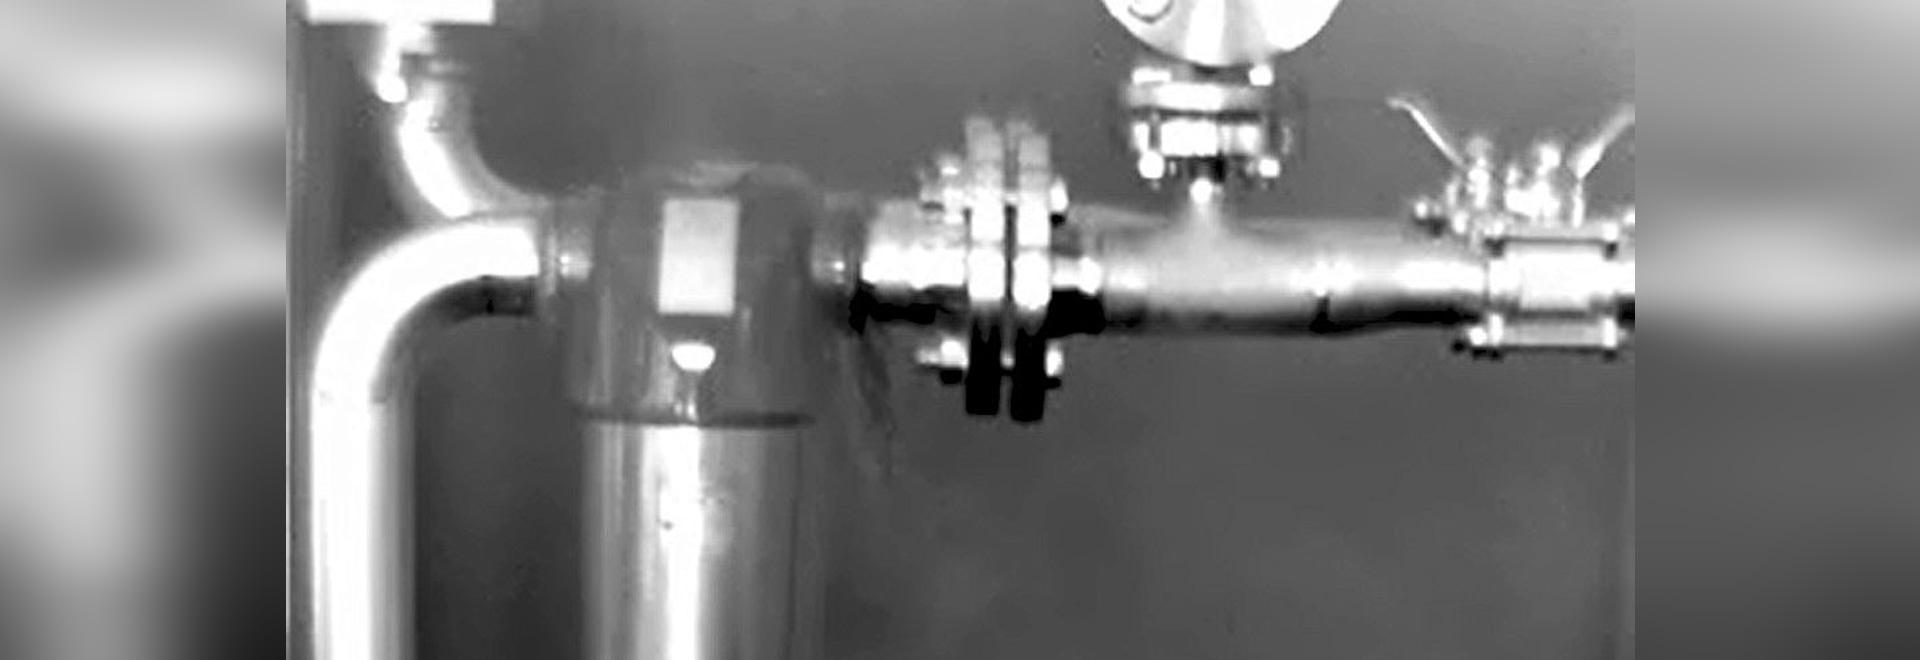 FLIR GF343 Detects Hard-to-find Carbon Dioxide Leaks